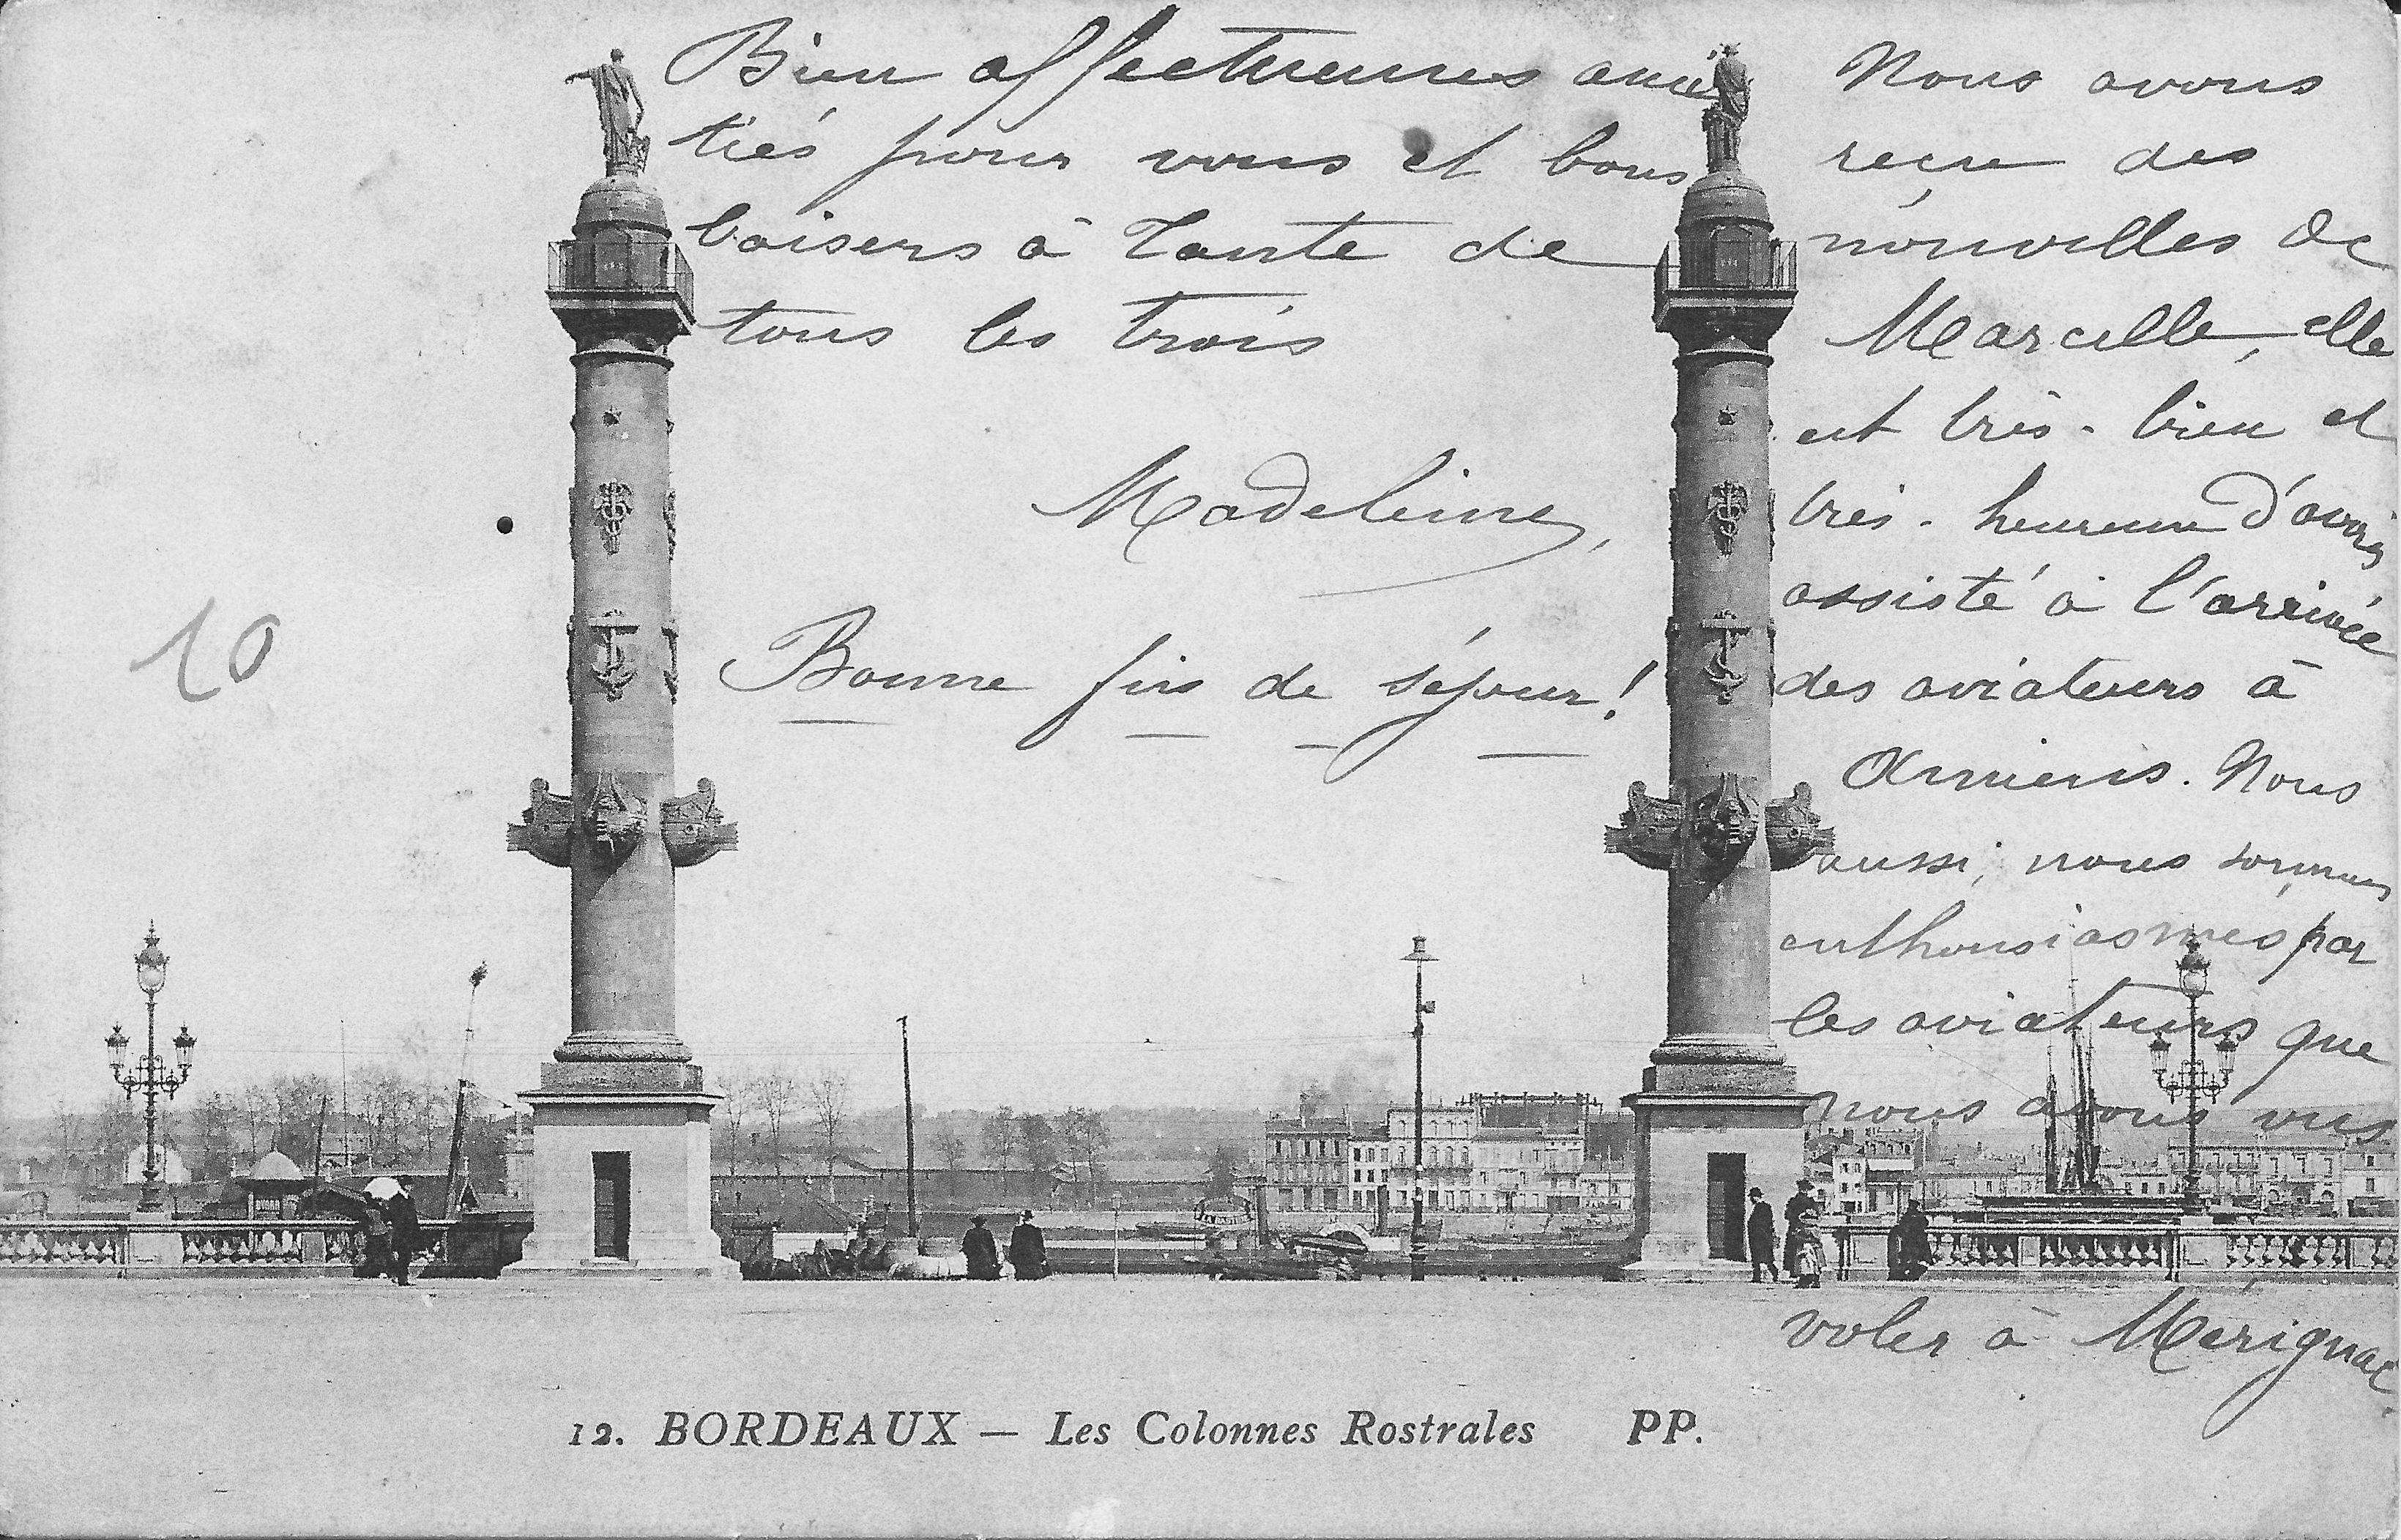 Bordeaux-Les_Colonnes_Rostrales-PP_12.jpg